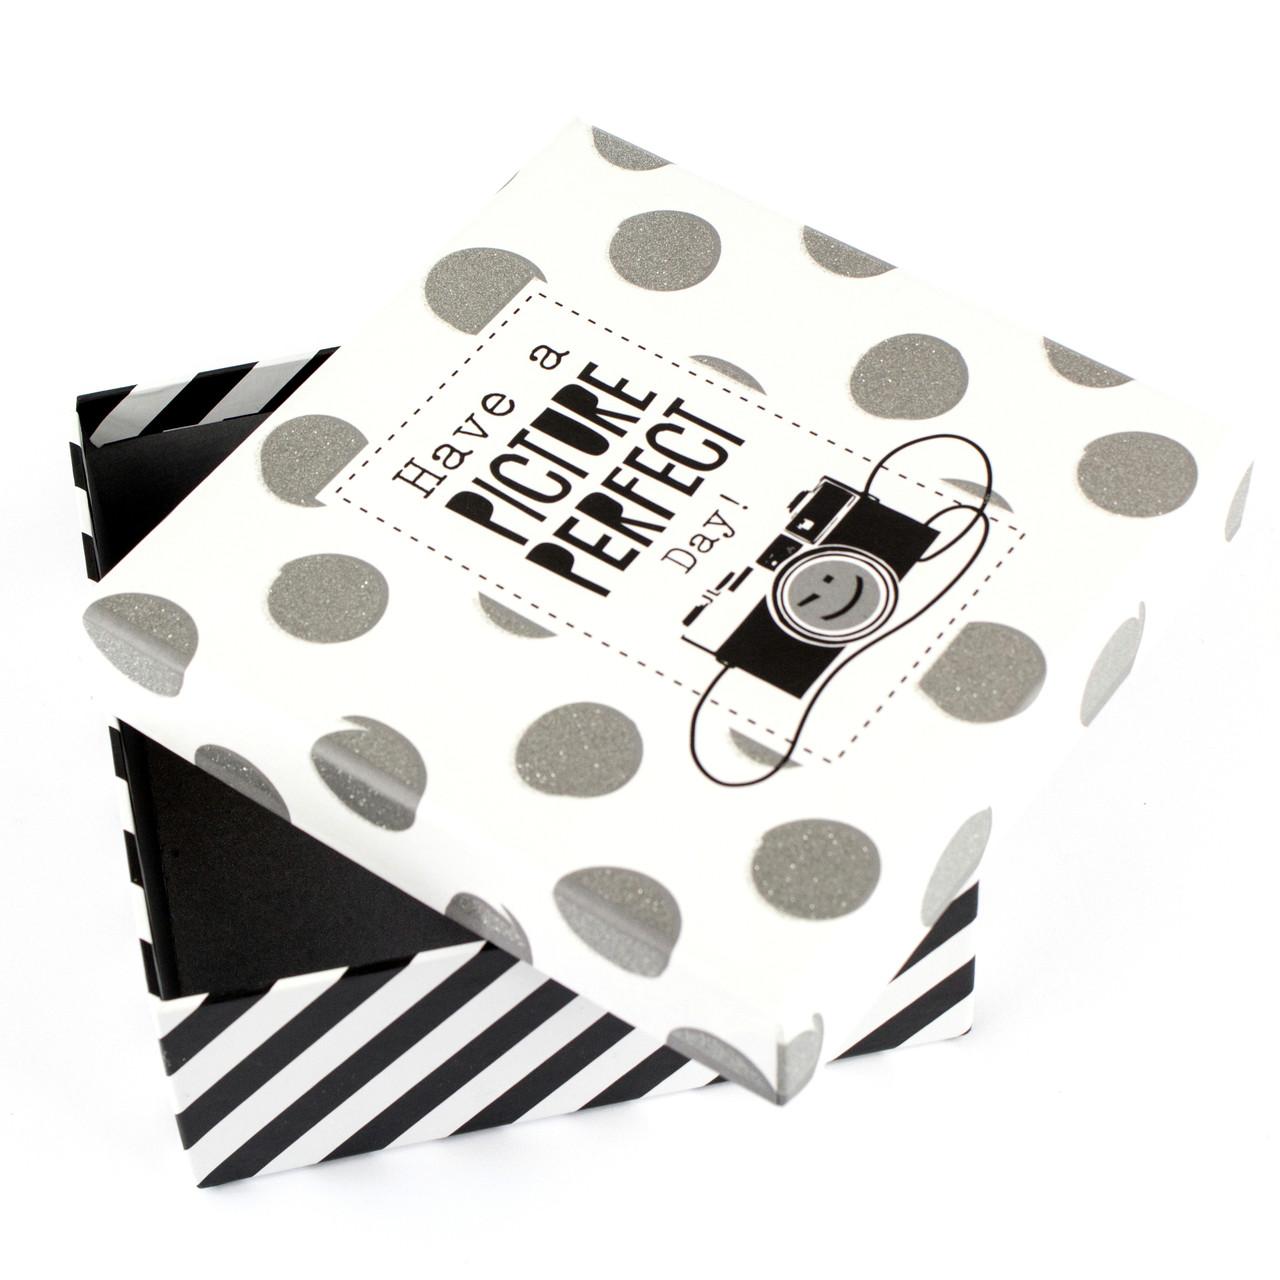 Коробка в горошек Фотоаппарат 10.5 x 10.5 x 4.7 см